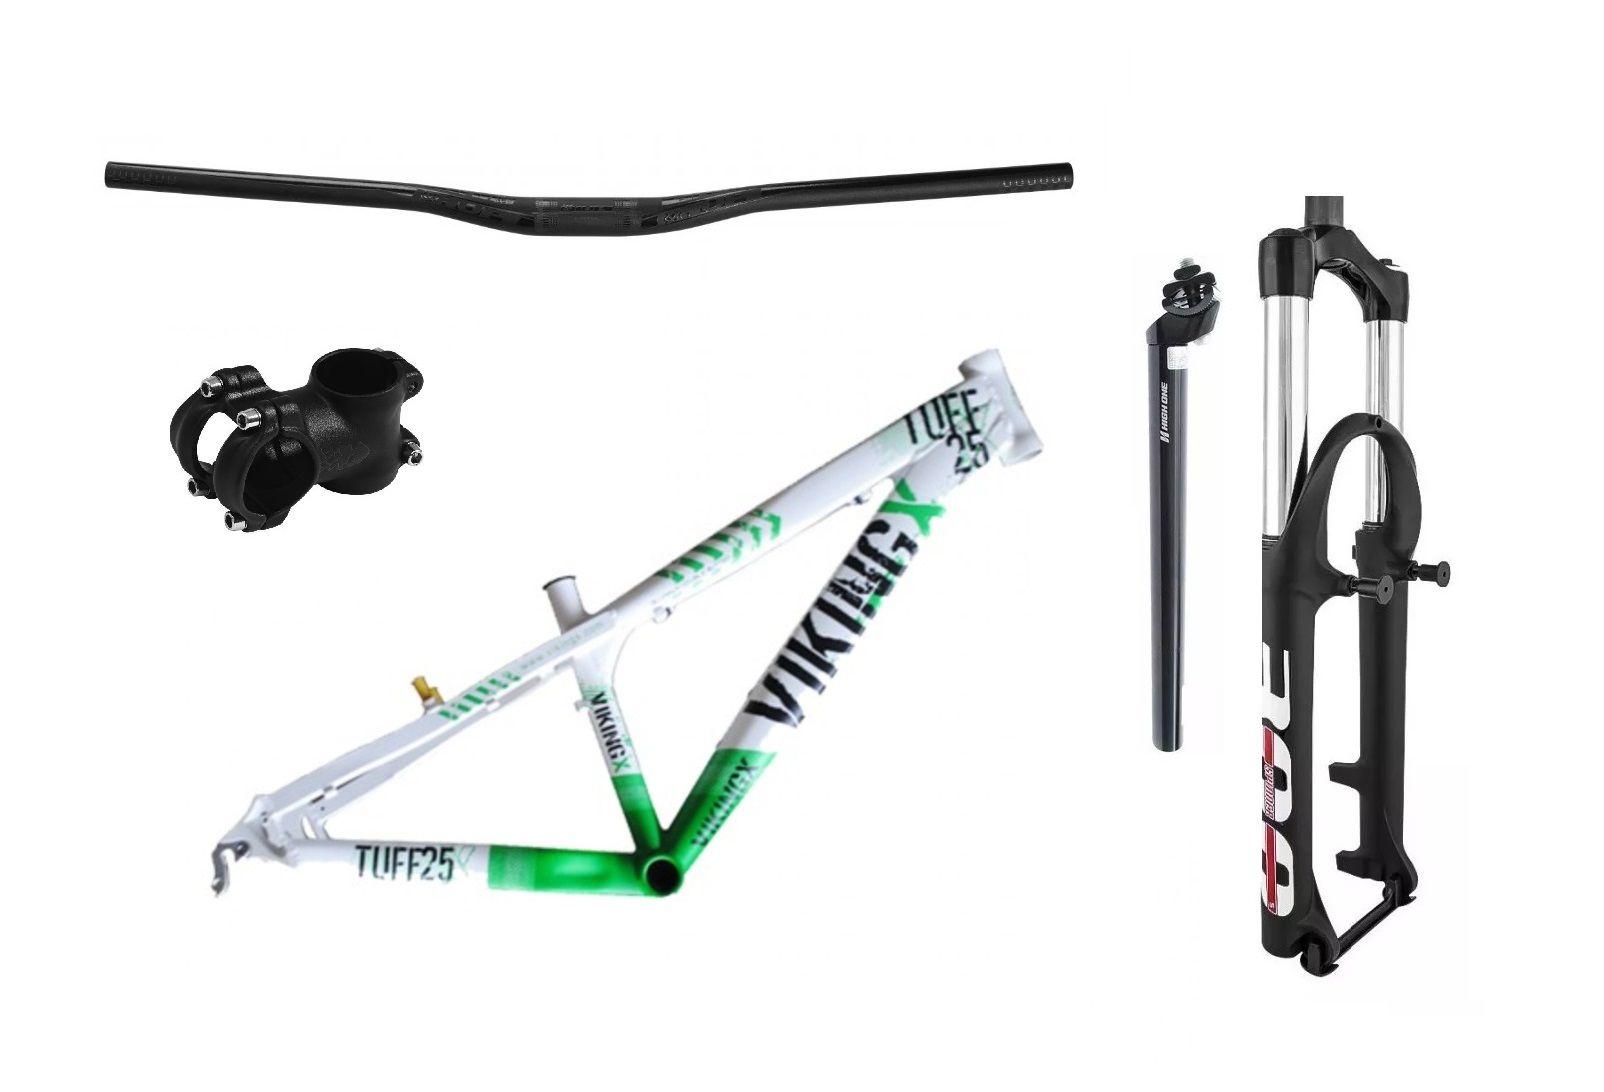 Kit Montagem Bike aro 26 Freeride Quadro Vikingx Suspensão 120mm Guidão mesa e canote